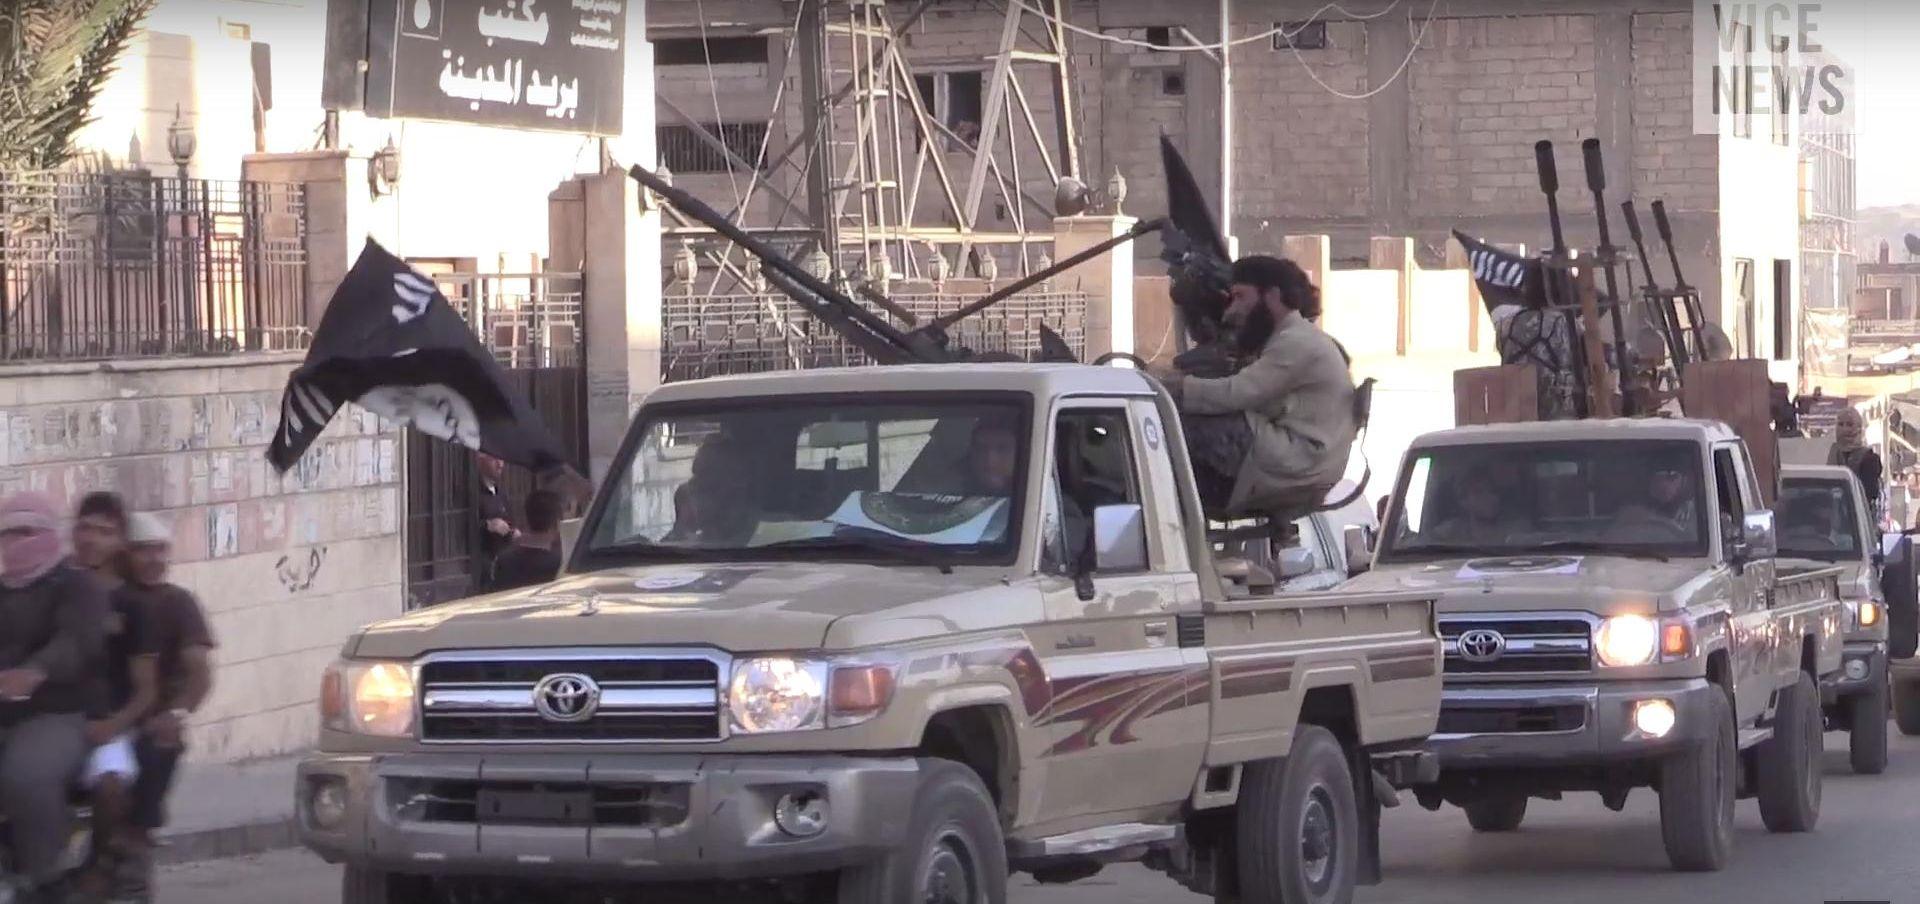 Irački premijer Haidar al-Abadi: Bitka za Baidži ključna za slom Islamske države